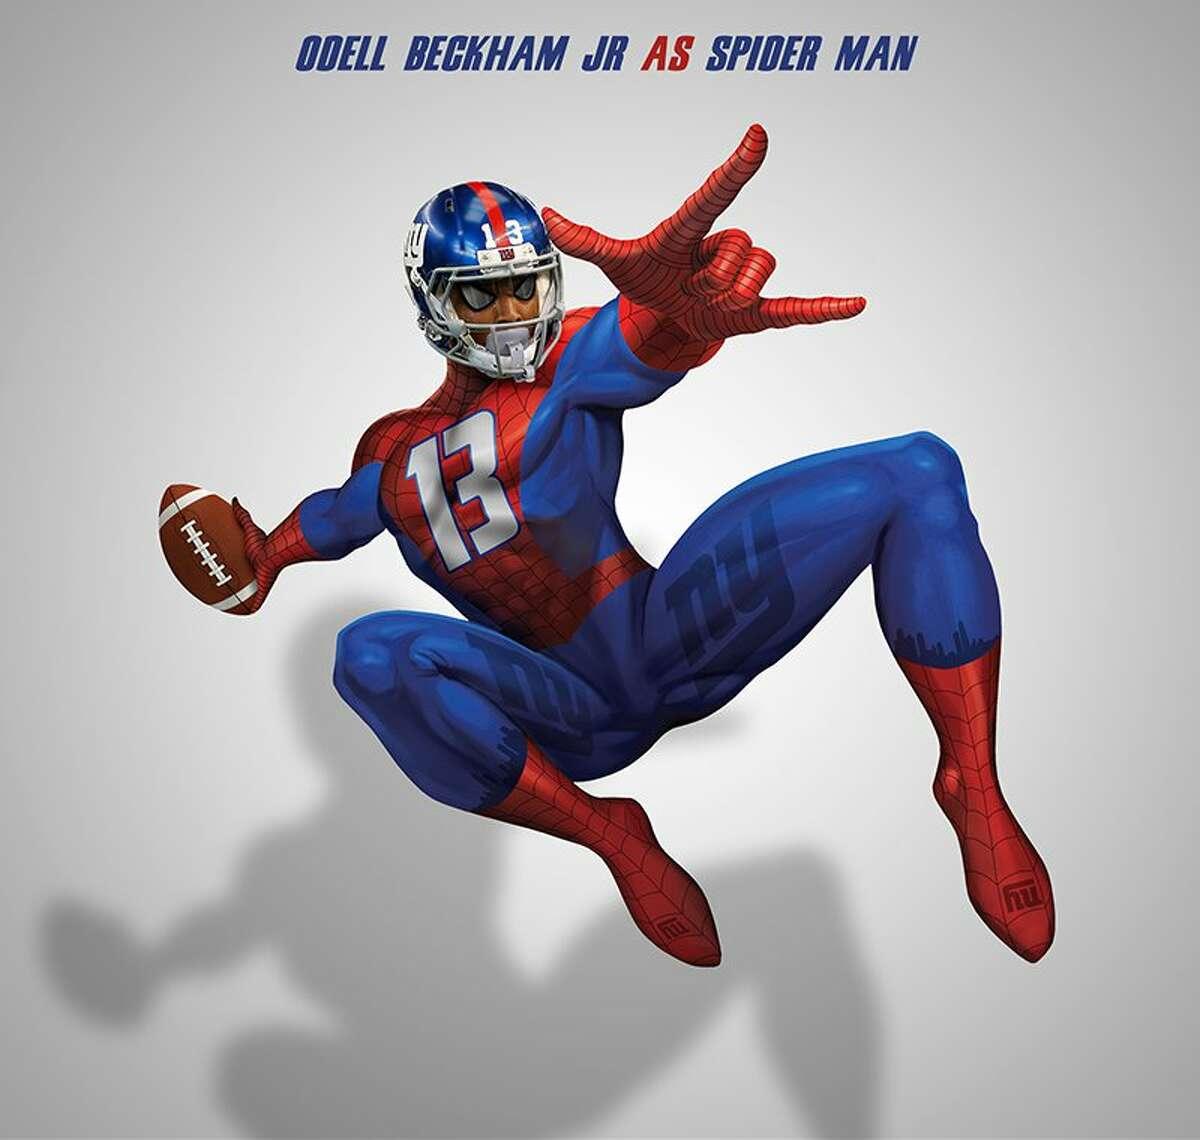 Odell Beckham Jr. as Spider Man